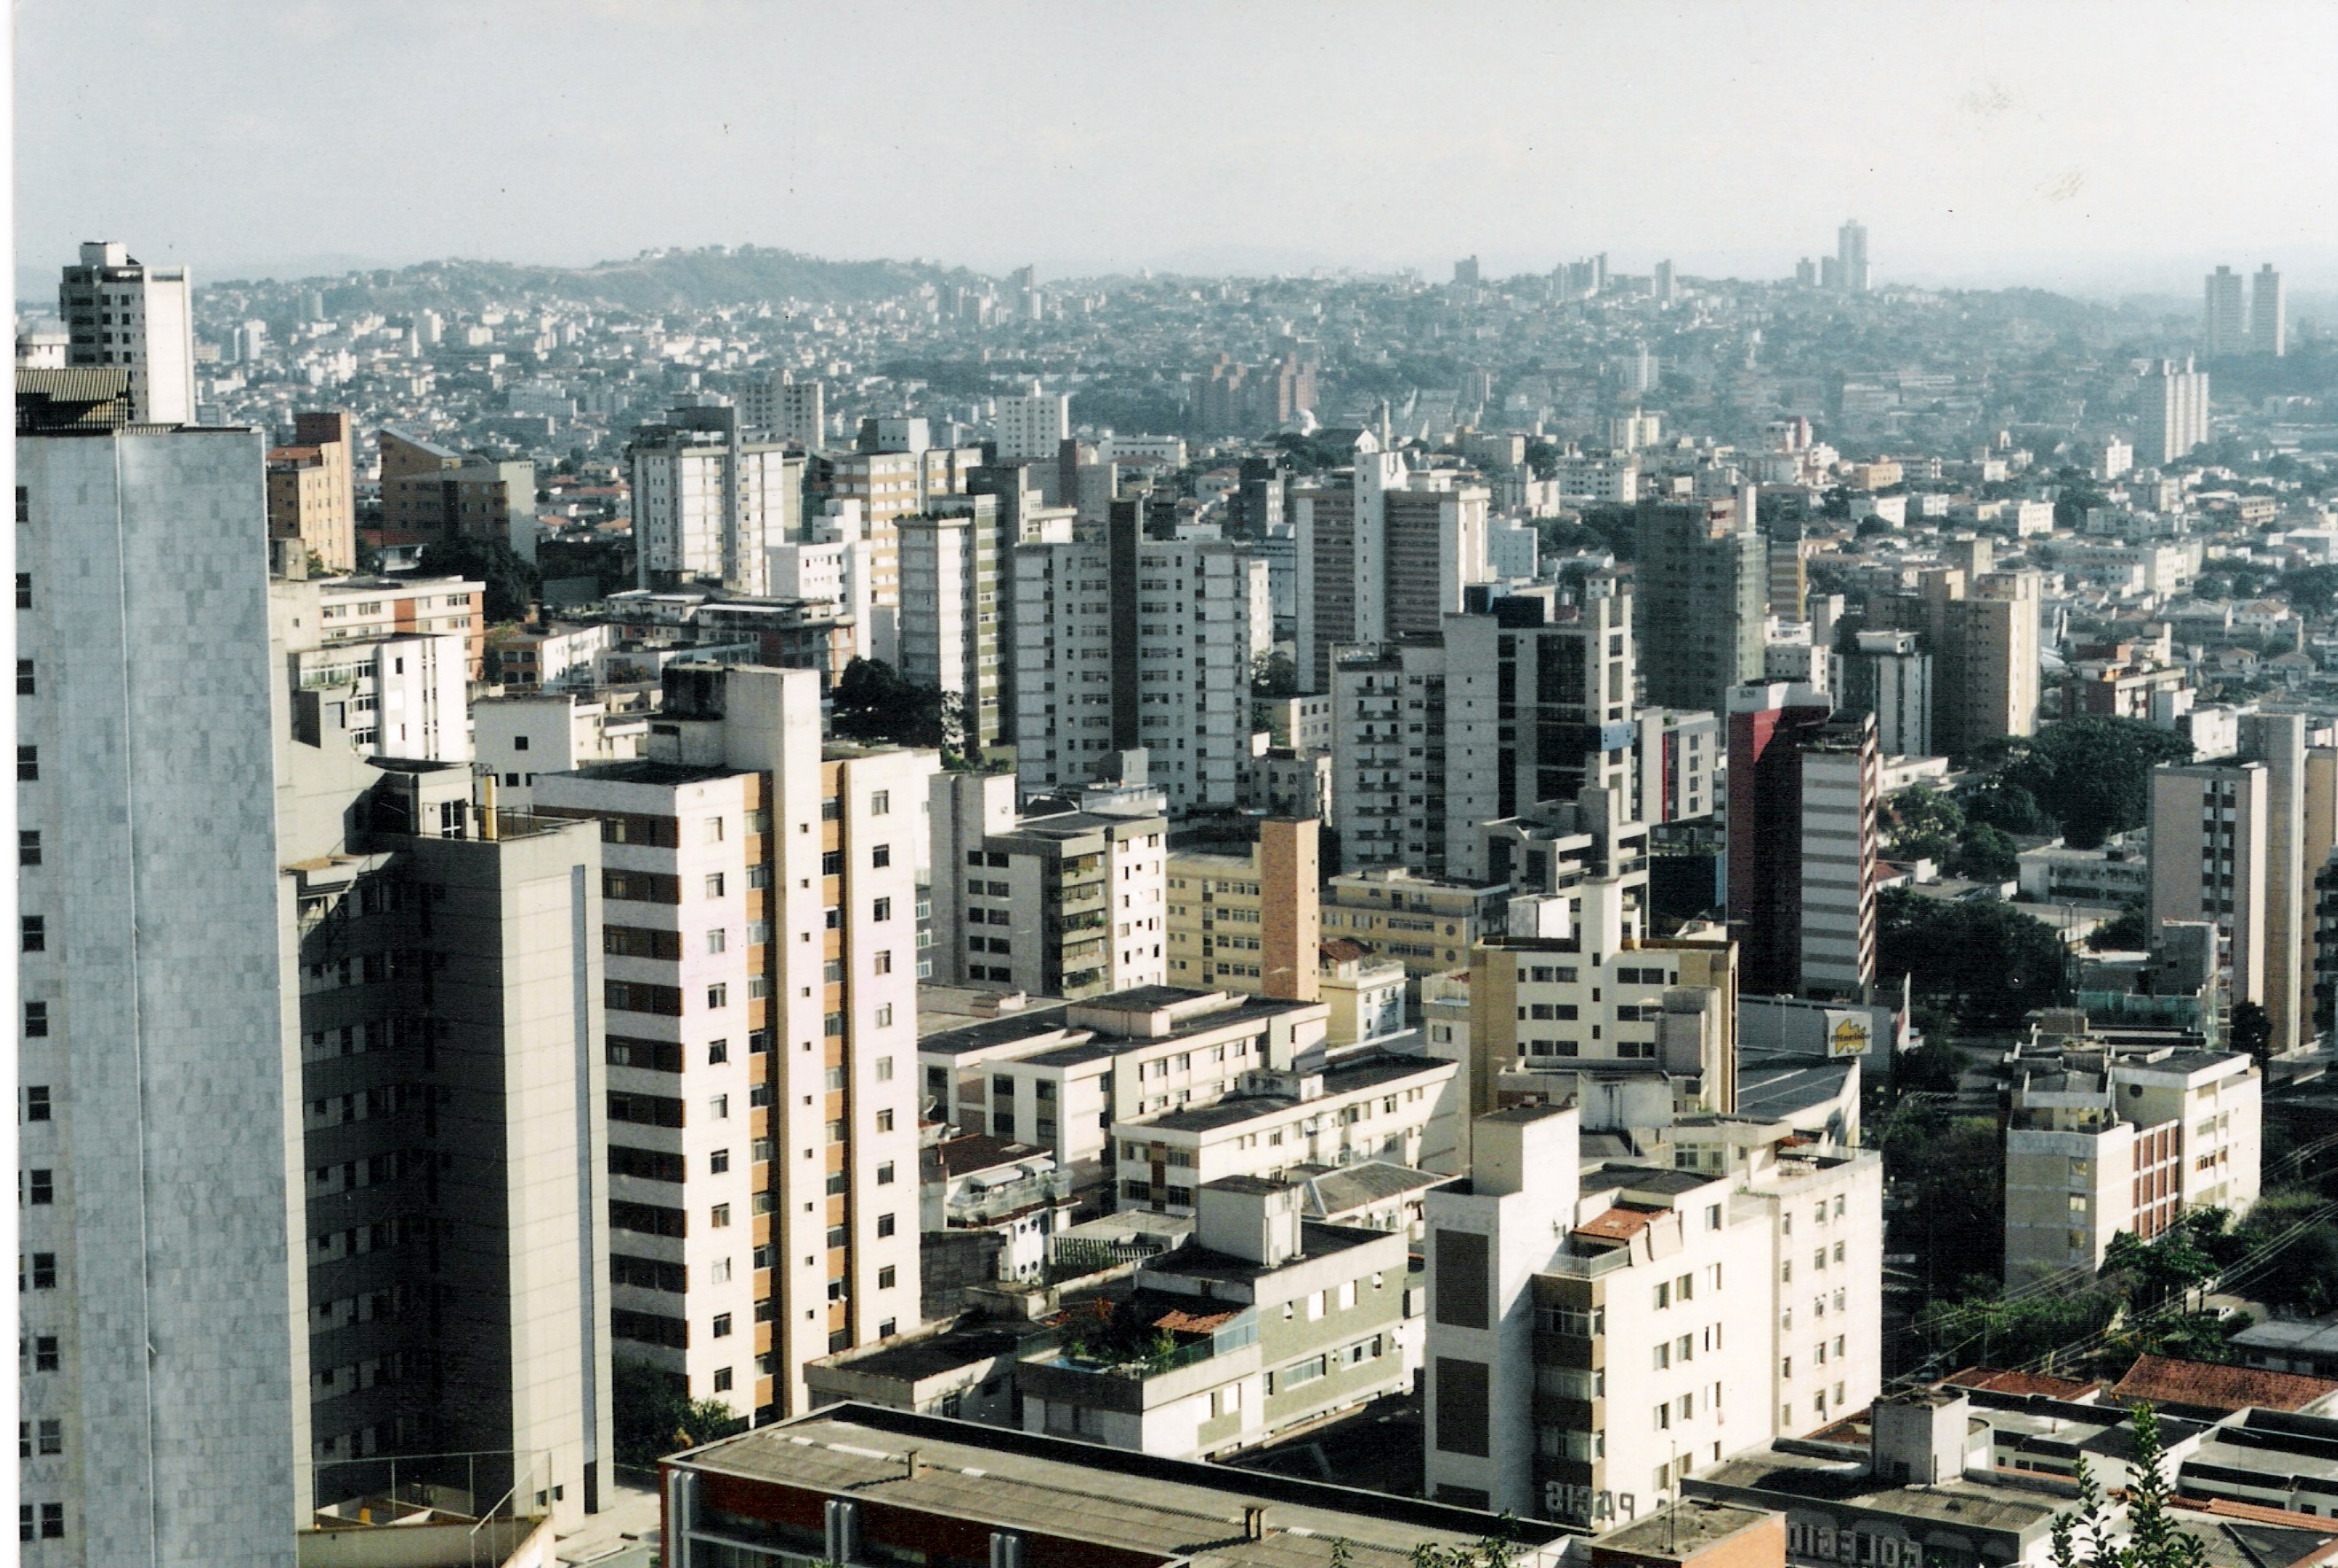 Condomínio Seguro: uma campanha em benefício de síndicos e condôminos